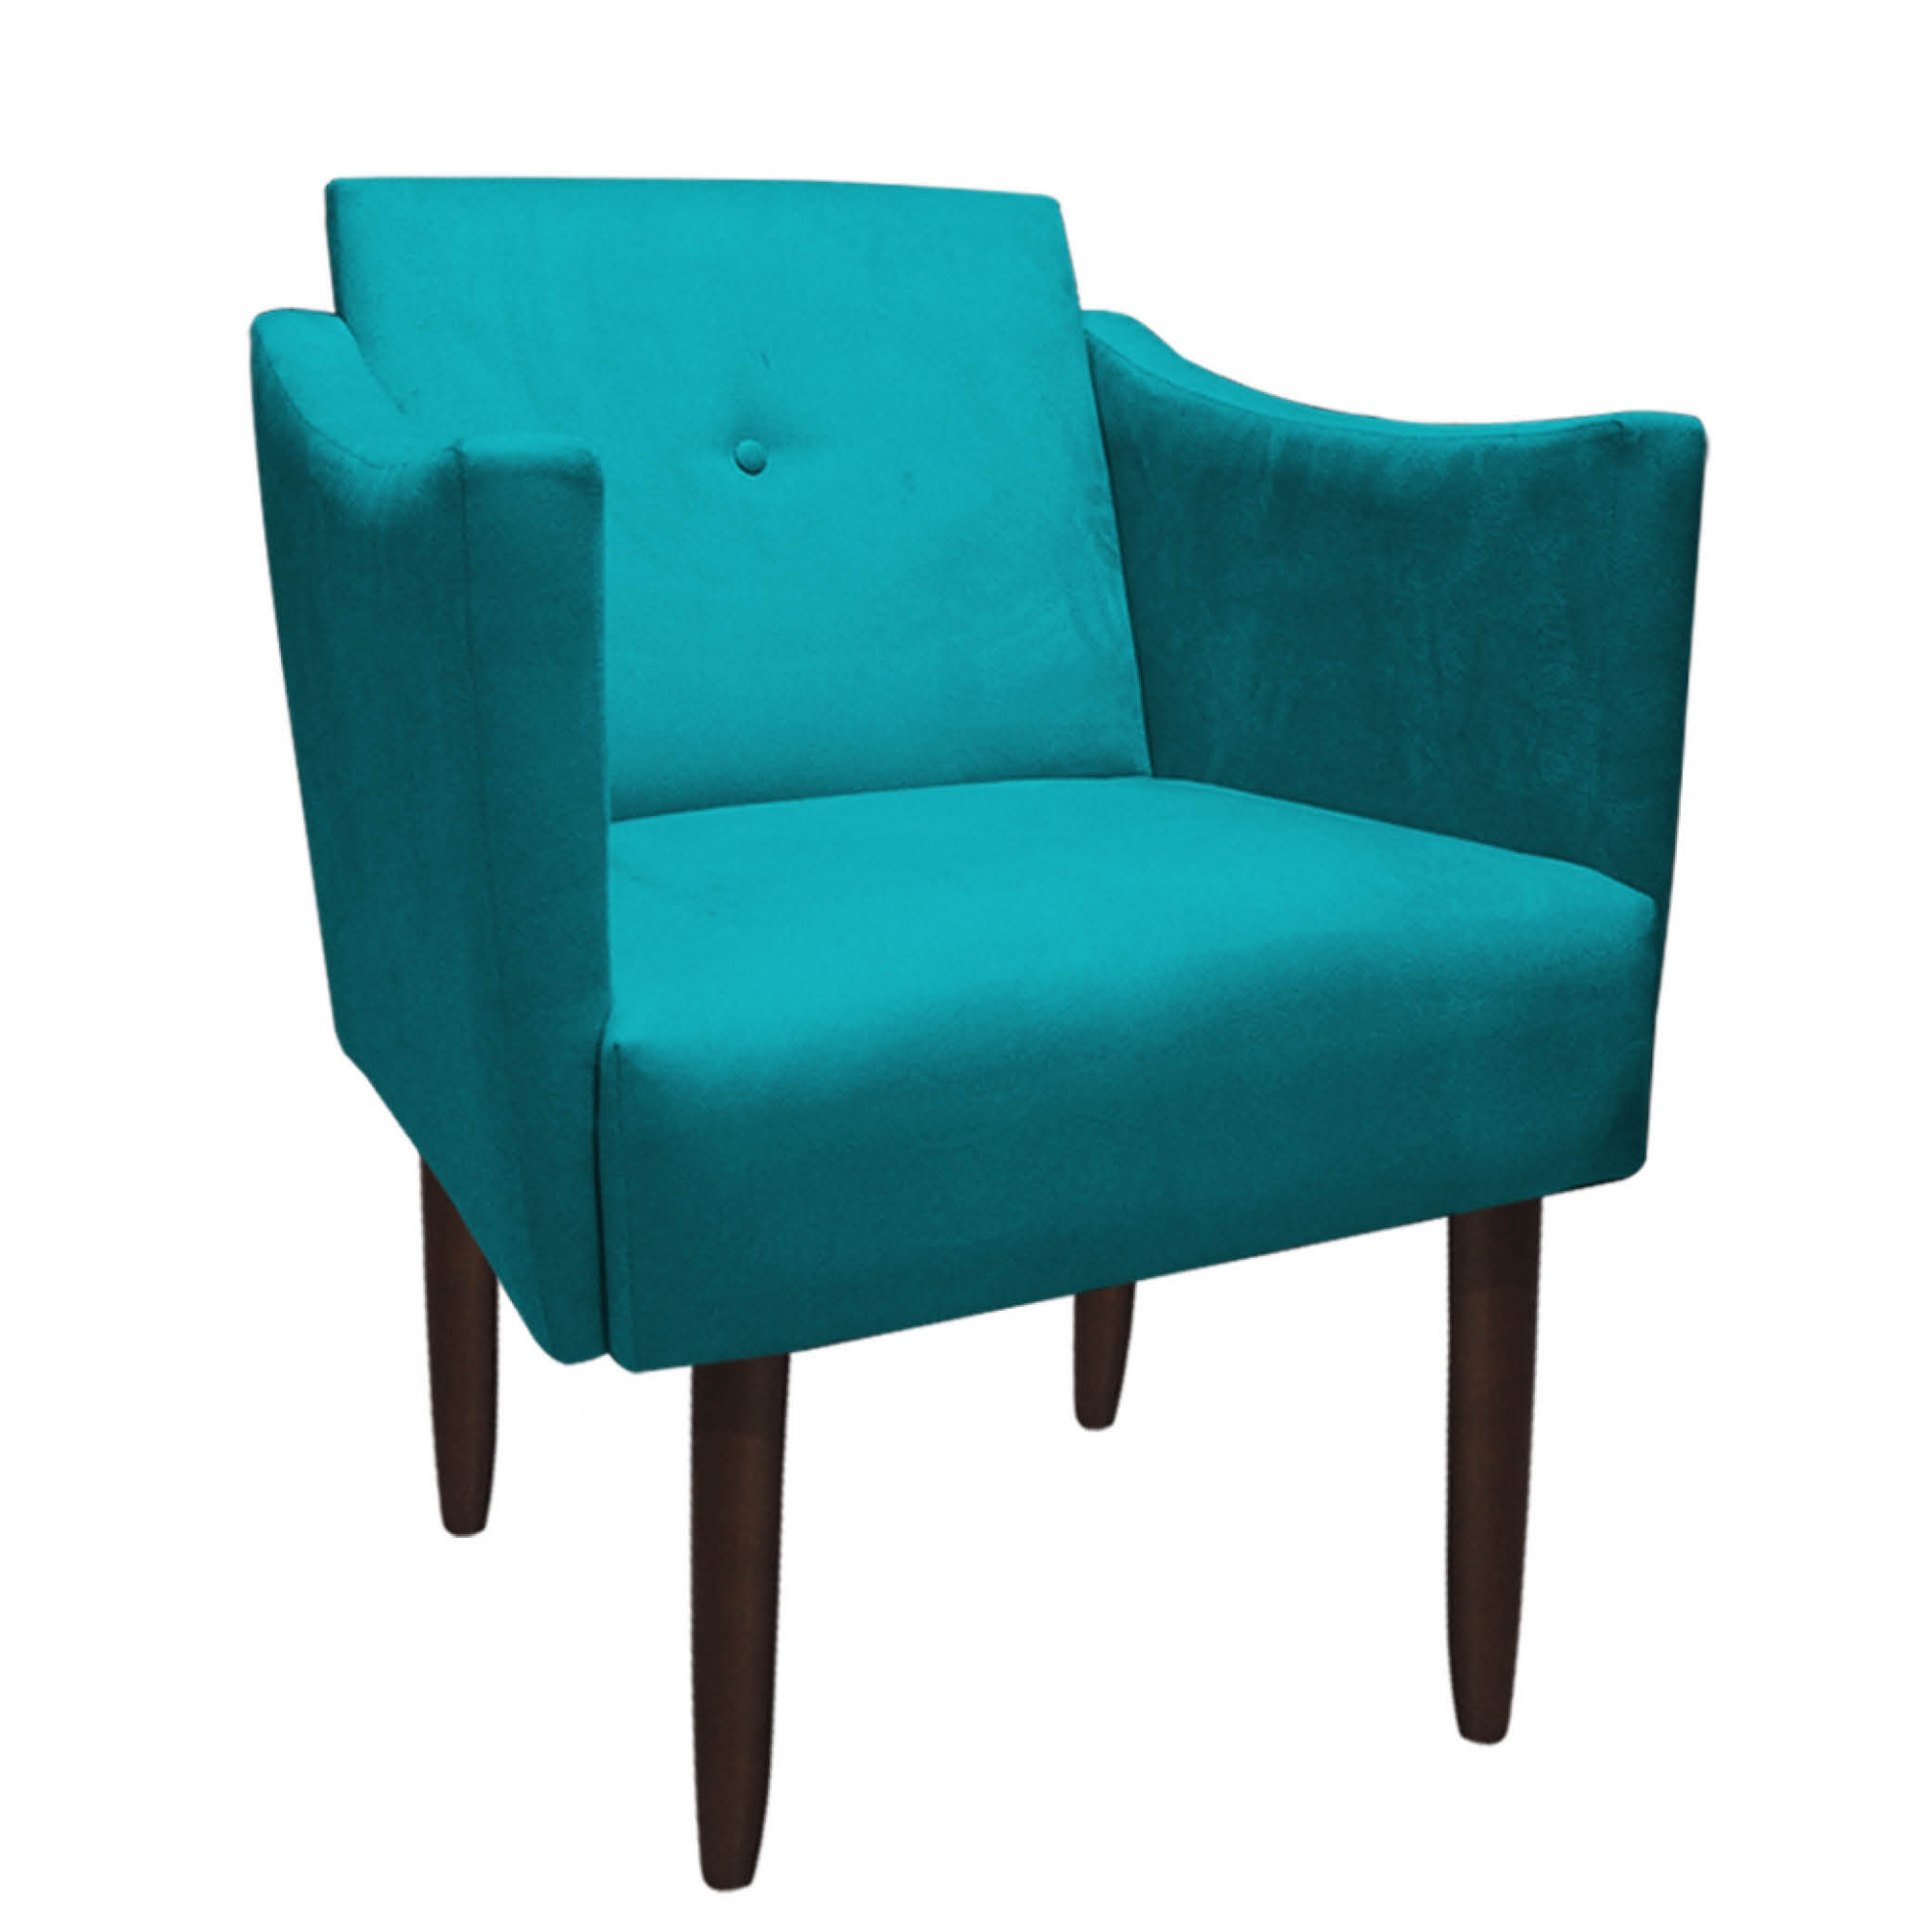 Kit 3 Poltrona Naty Decoração Escritório Salão Cadeira Recepção Escritório Sala Estar D'Classe Decor Suede Azul Tiffany